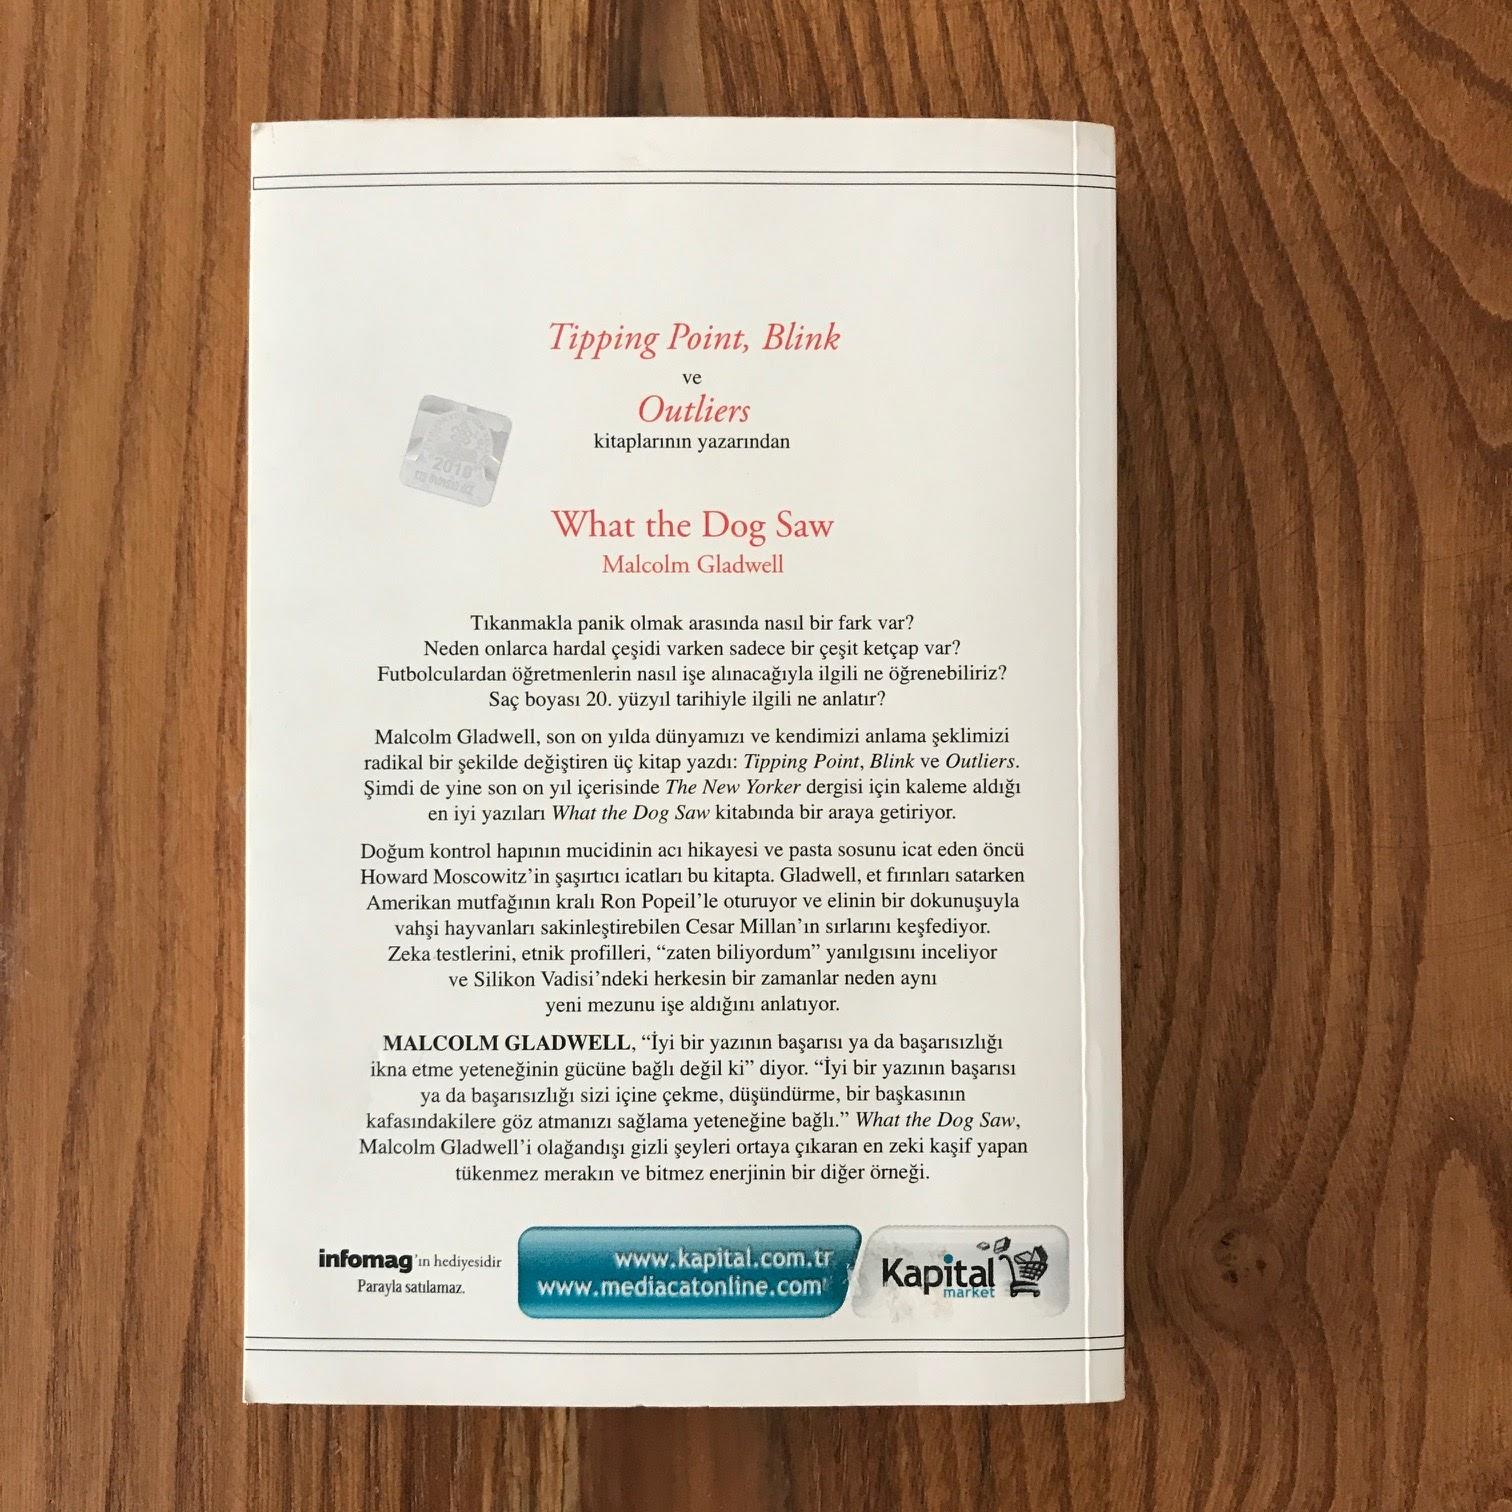 What The Dog Saw - Kopegin Gordugu ve Diger Maceralar (Kitap)